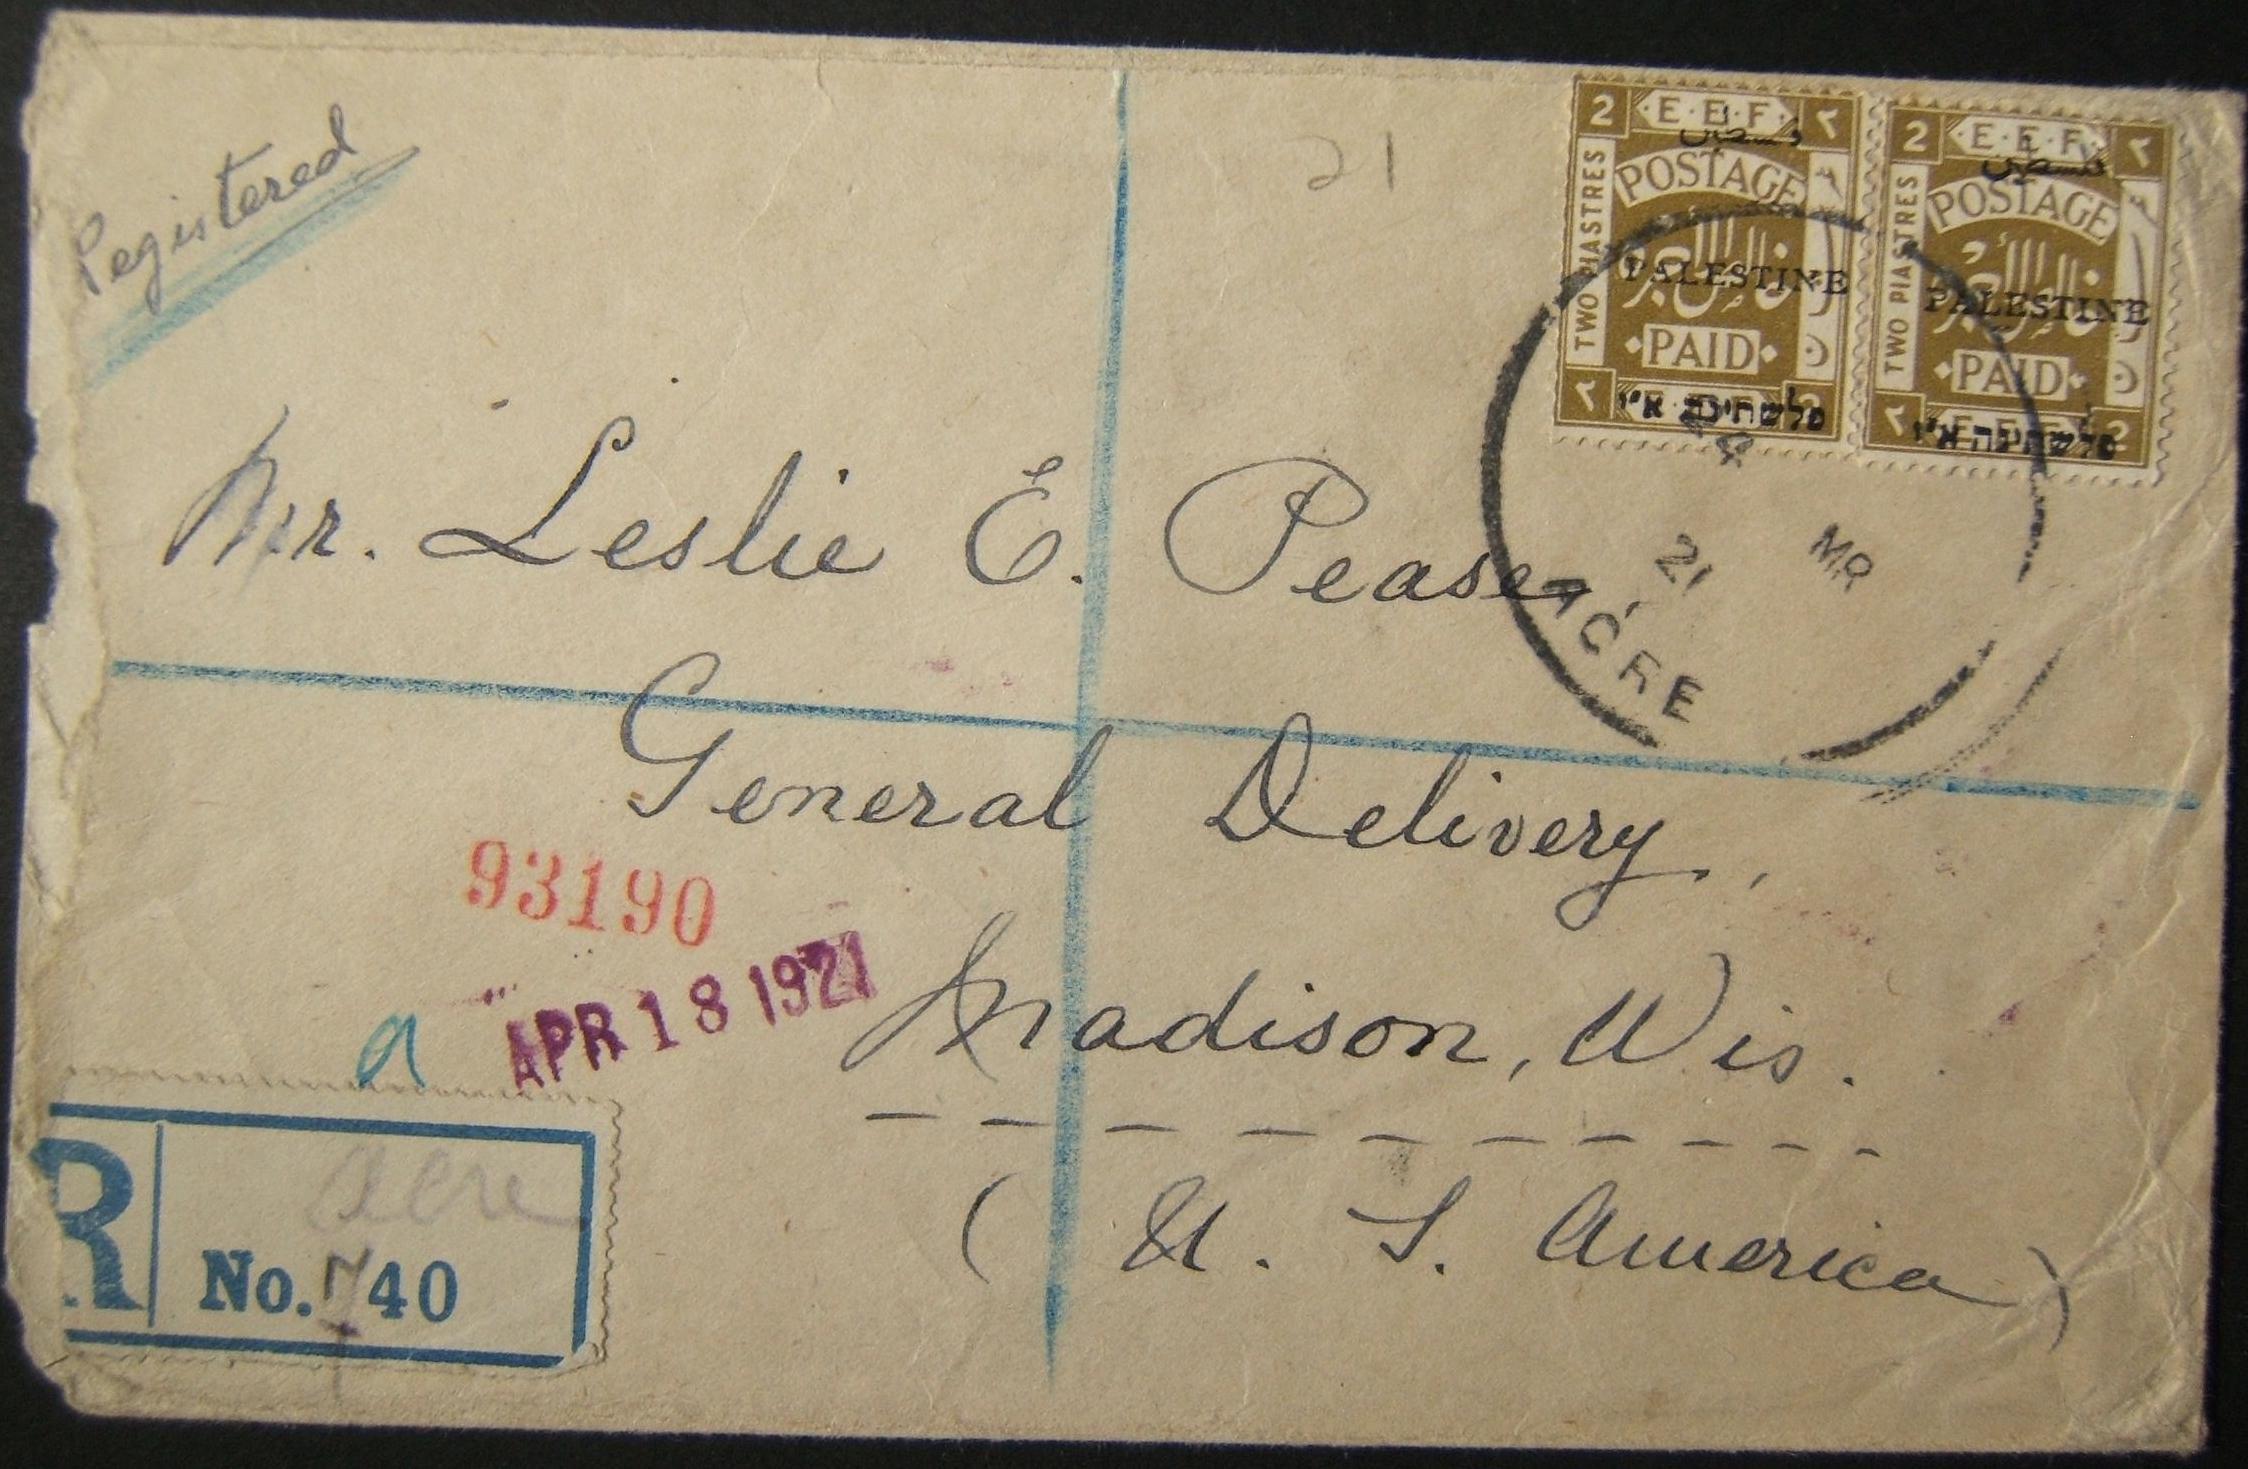 3/1921 رسائل بريدية من نوع ACRE و HAIFA REGISTERED نادرة + طابع مختوم وتسمية أخرس على البريد إلى الولايات المتحدة الأمريكية